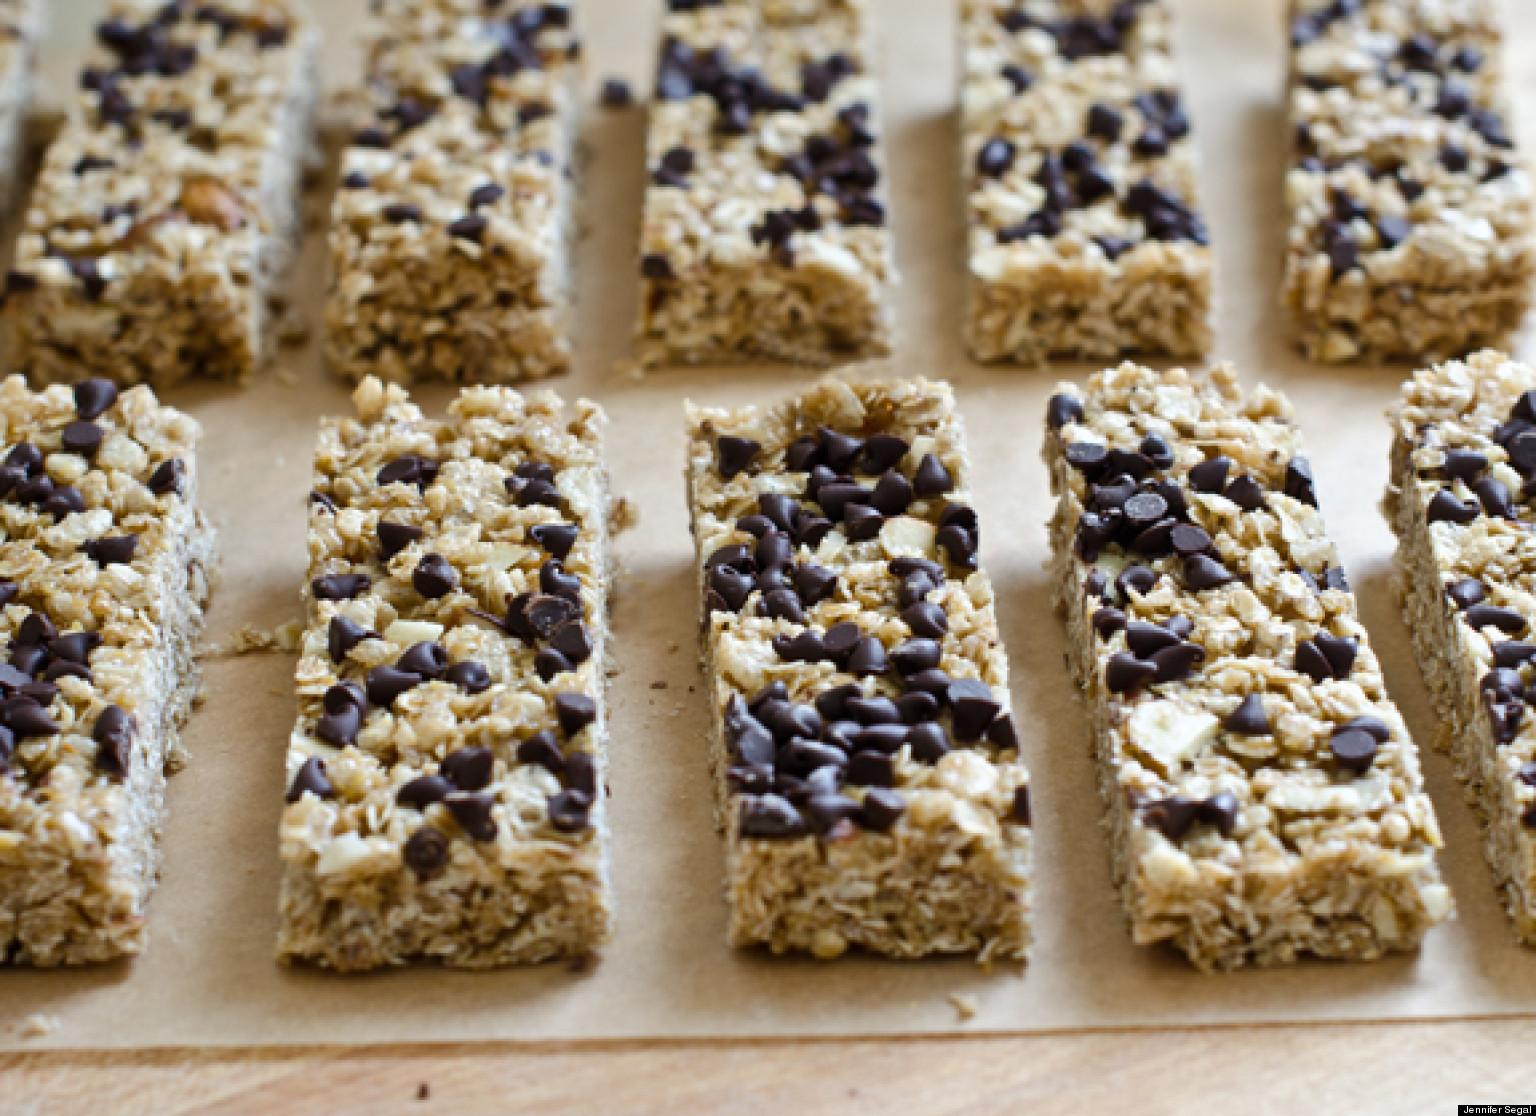 Homemade granola bars for hungry kids huffpost